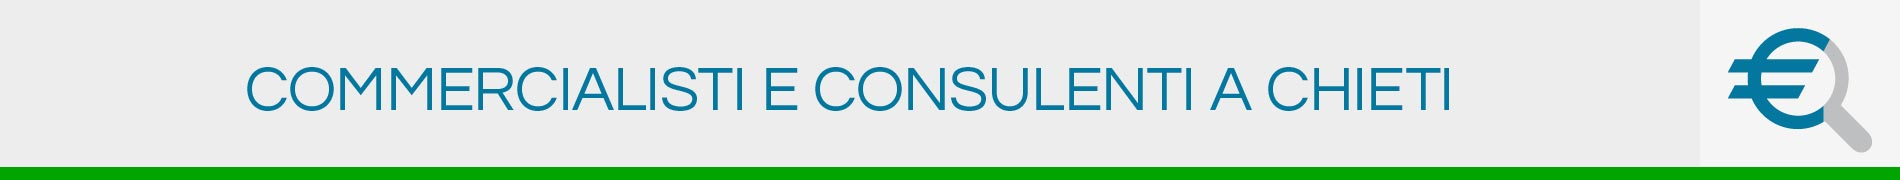 Commercialisti e Consulenti a Chieti